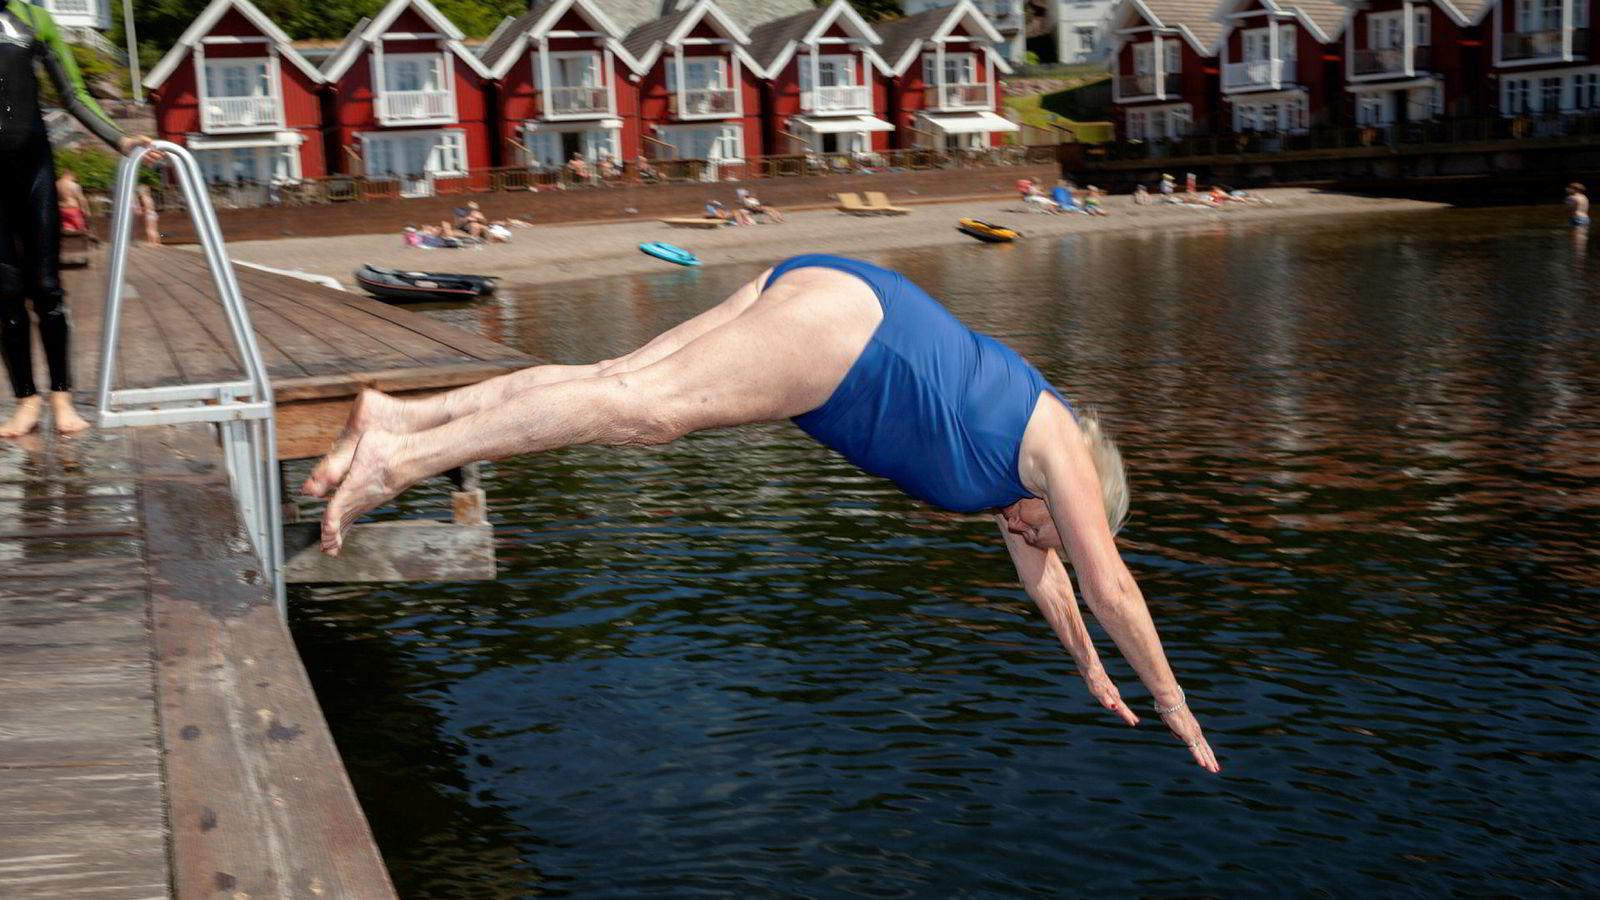 Fritidsboligeier Heidi Svendsen tar dagens første bad på det lille ferieparadiset Holmsbu i Hurum kommune. Området er blitt litt mindre paradispreget etter at Holmsbu hotell og spa gikk konkurs.